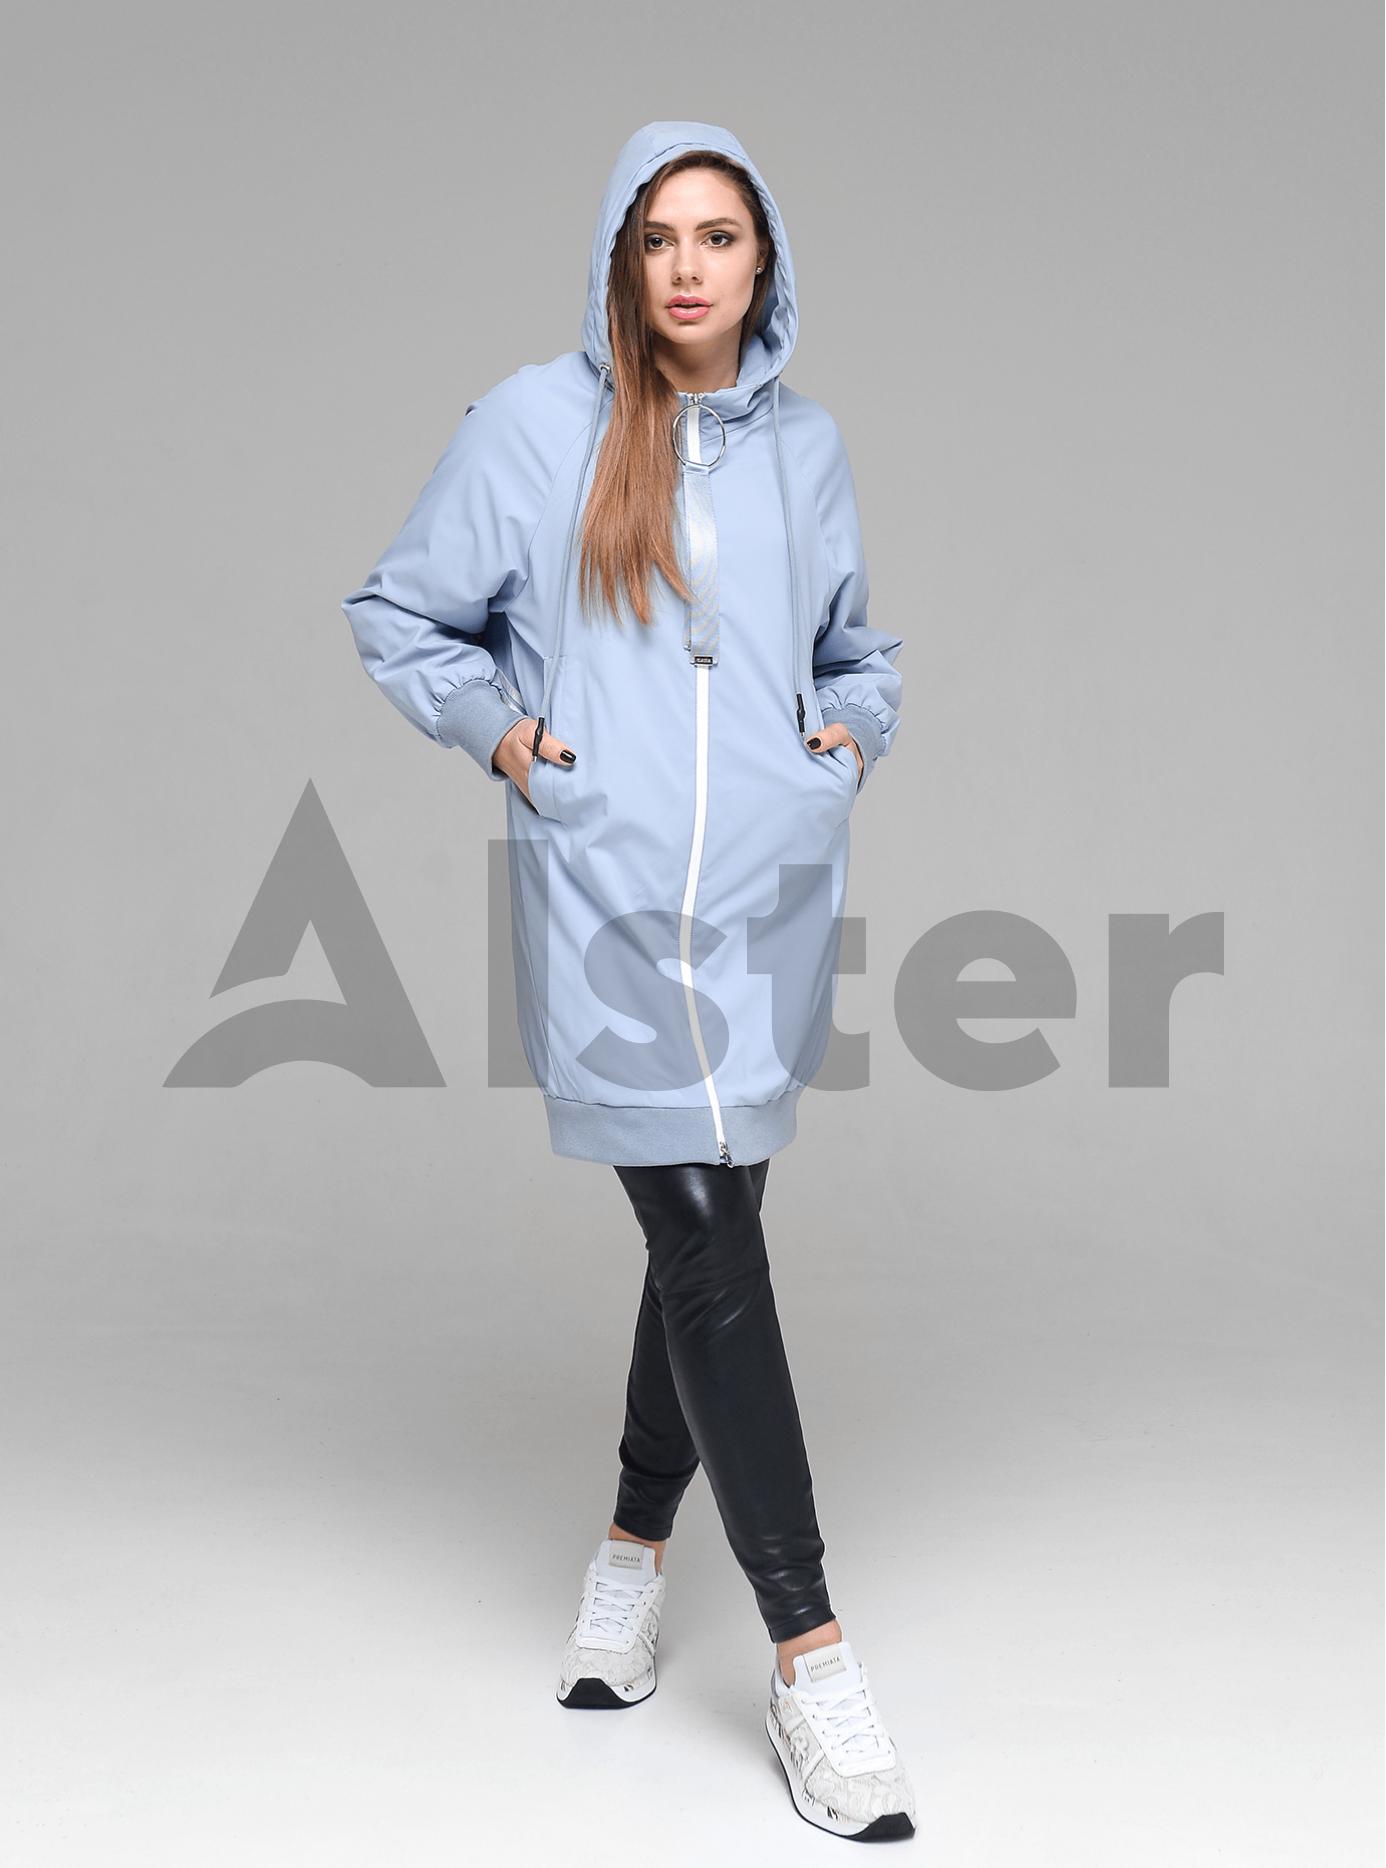 Куртка демисезонная женская с капюшоном Светло-голубой M (02-D190162): фото - Alster.ua